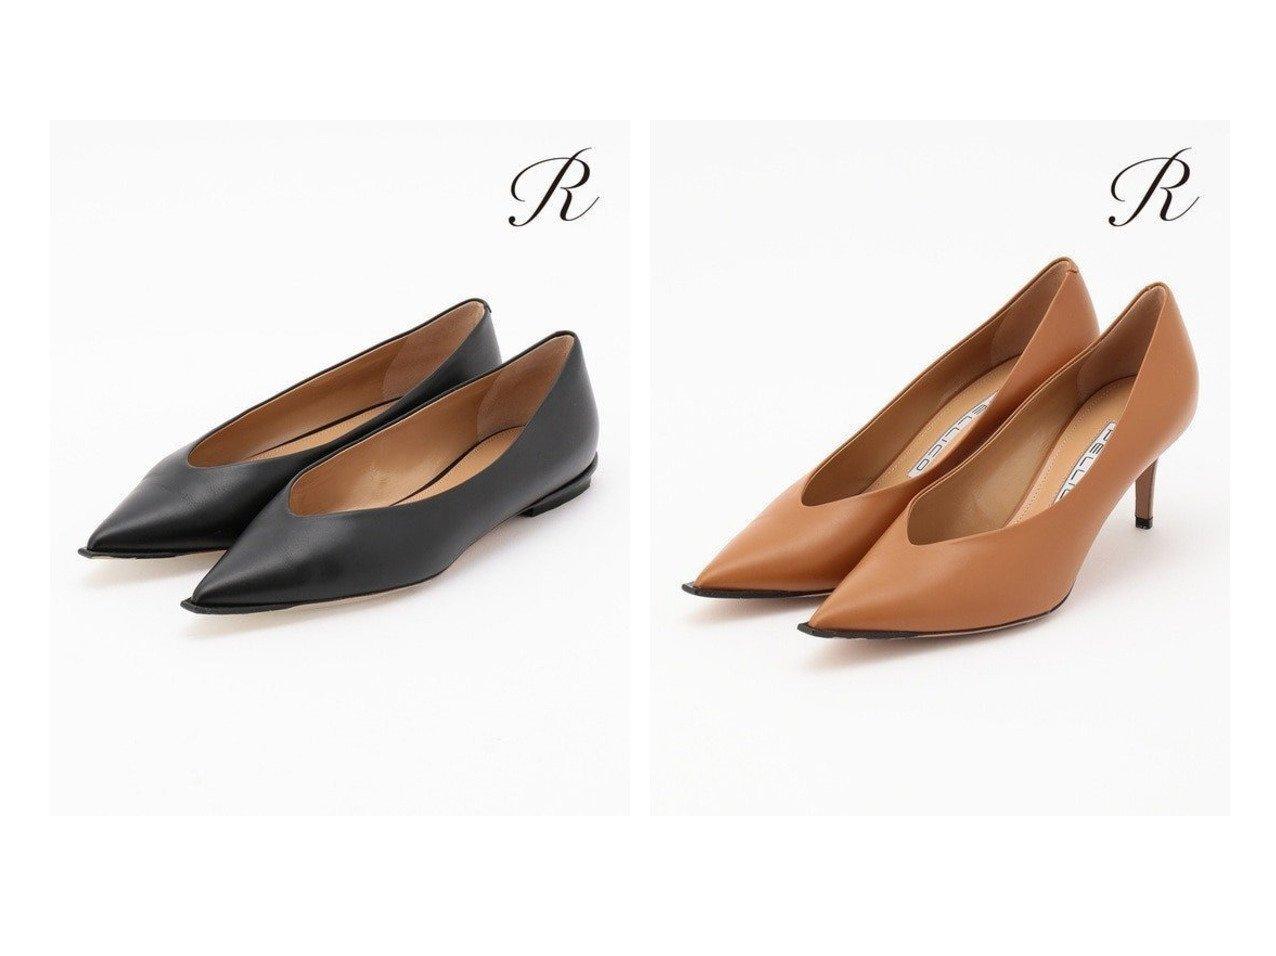 【NIJYUSANKU/23区】の【R(アール)】PELLICO ポインテッド ワイド エッジ パンプス(番号R65)&【R(アール)】PELLICO ポインテッド ワイド フラット シューズ(番号R64) シューズ・靴のおすすめ!人気、トレンド・レディースファッションの通販  おすすめで人気の流行・トレンド、ファッションの通販商品 メンズファッション・キッズファッション・インテリア・家具・レディースファッション・服の通販 founy(ファニー) https://founy.com/ ファッション Fashion レディースファッション WOMEN イタリア エレガント コレクション シューズ シンプル スエード スペシャル スマート 人気 フォルム フラット ベーシック ポインテッド ワイド 2020年 2020 2020-2021 秋冬 A/W AW Autumn/Winter / FW Fall-Winter 2020-2021 送料無料 Free Shipping |ID:crp329100000009858